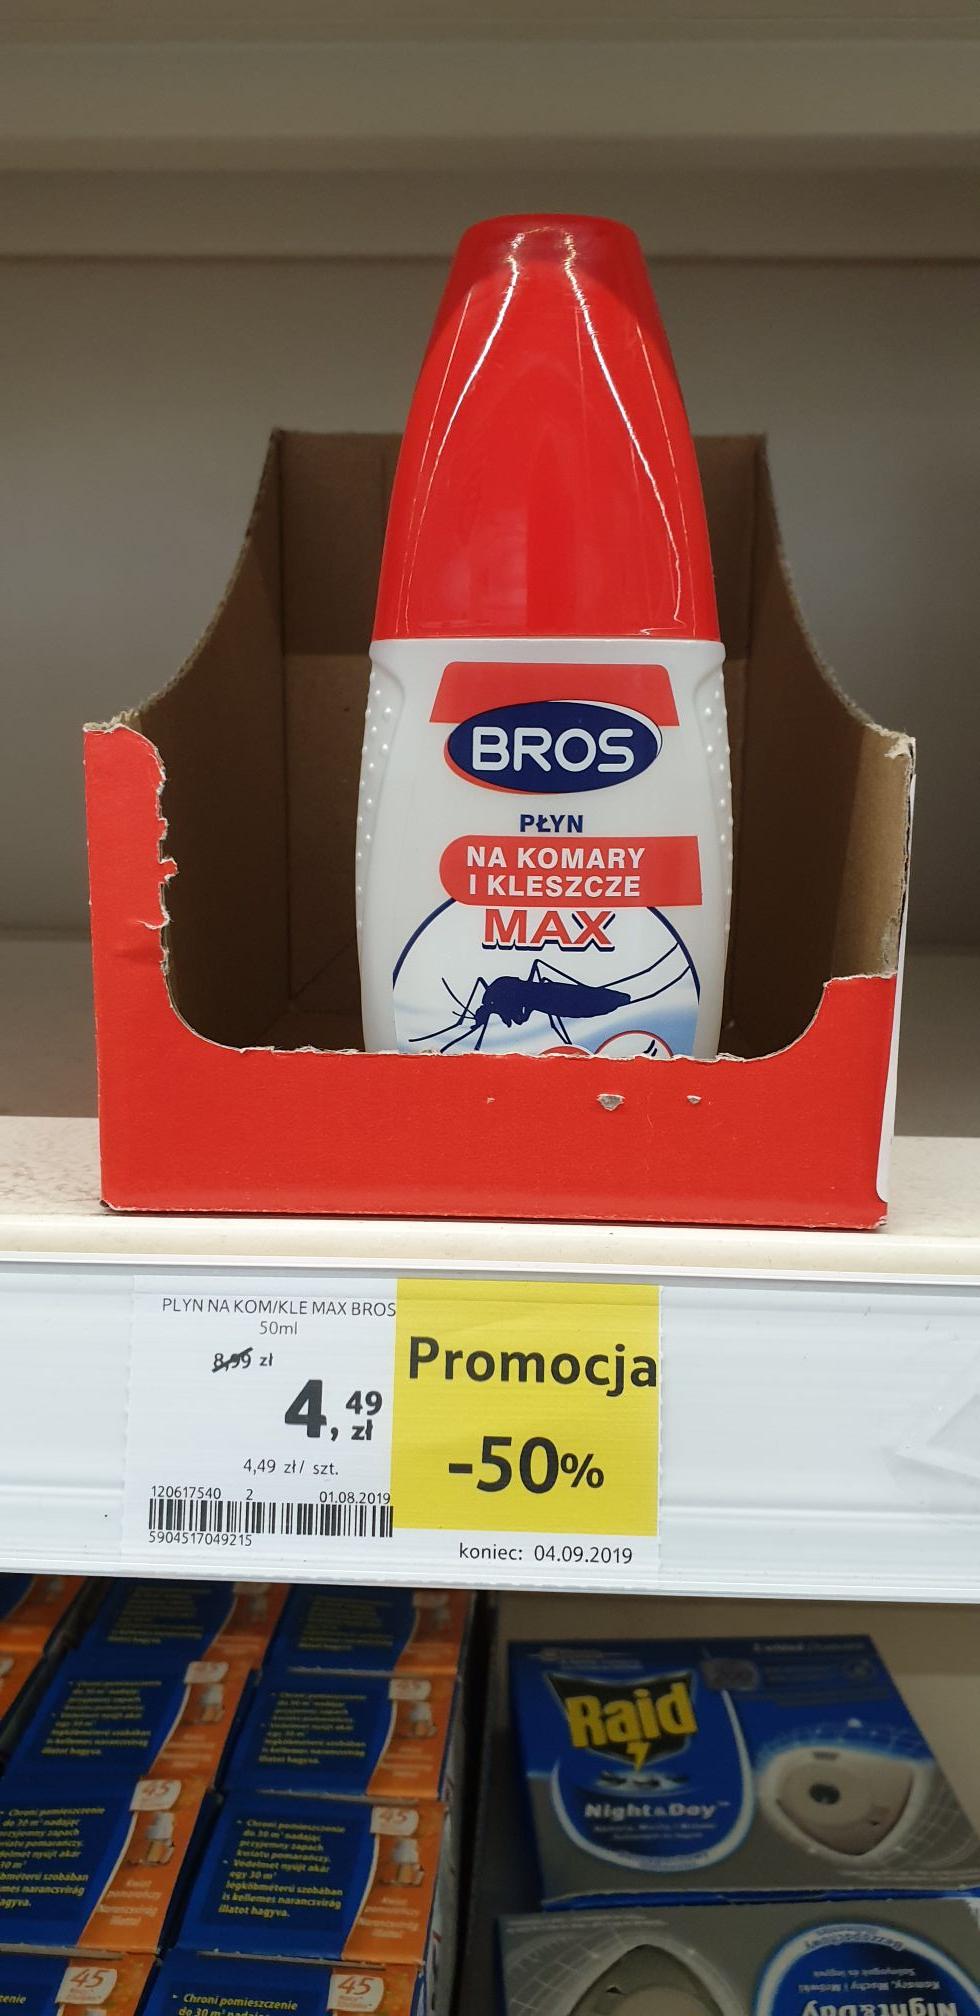 Bros Płyn Na Komary I Kleszcze Max 50ml 30% DEET Tesco